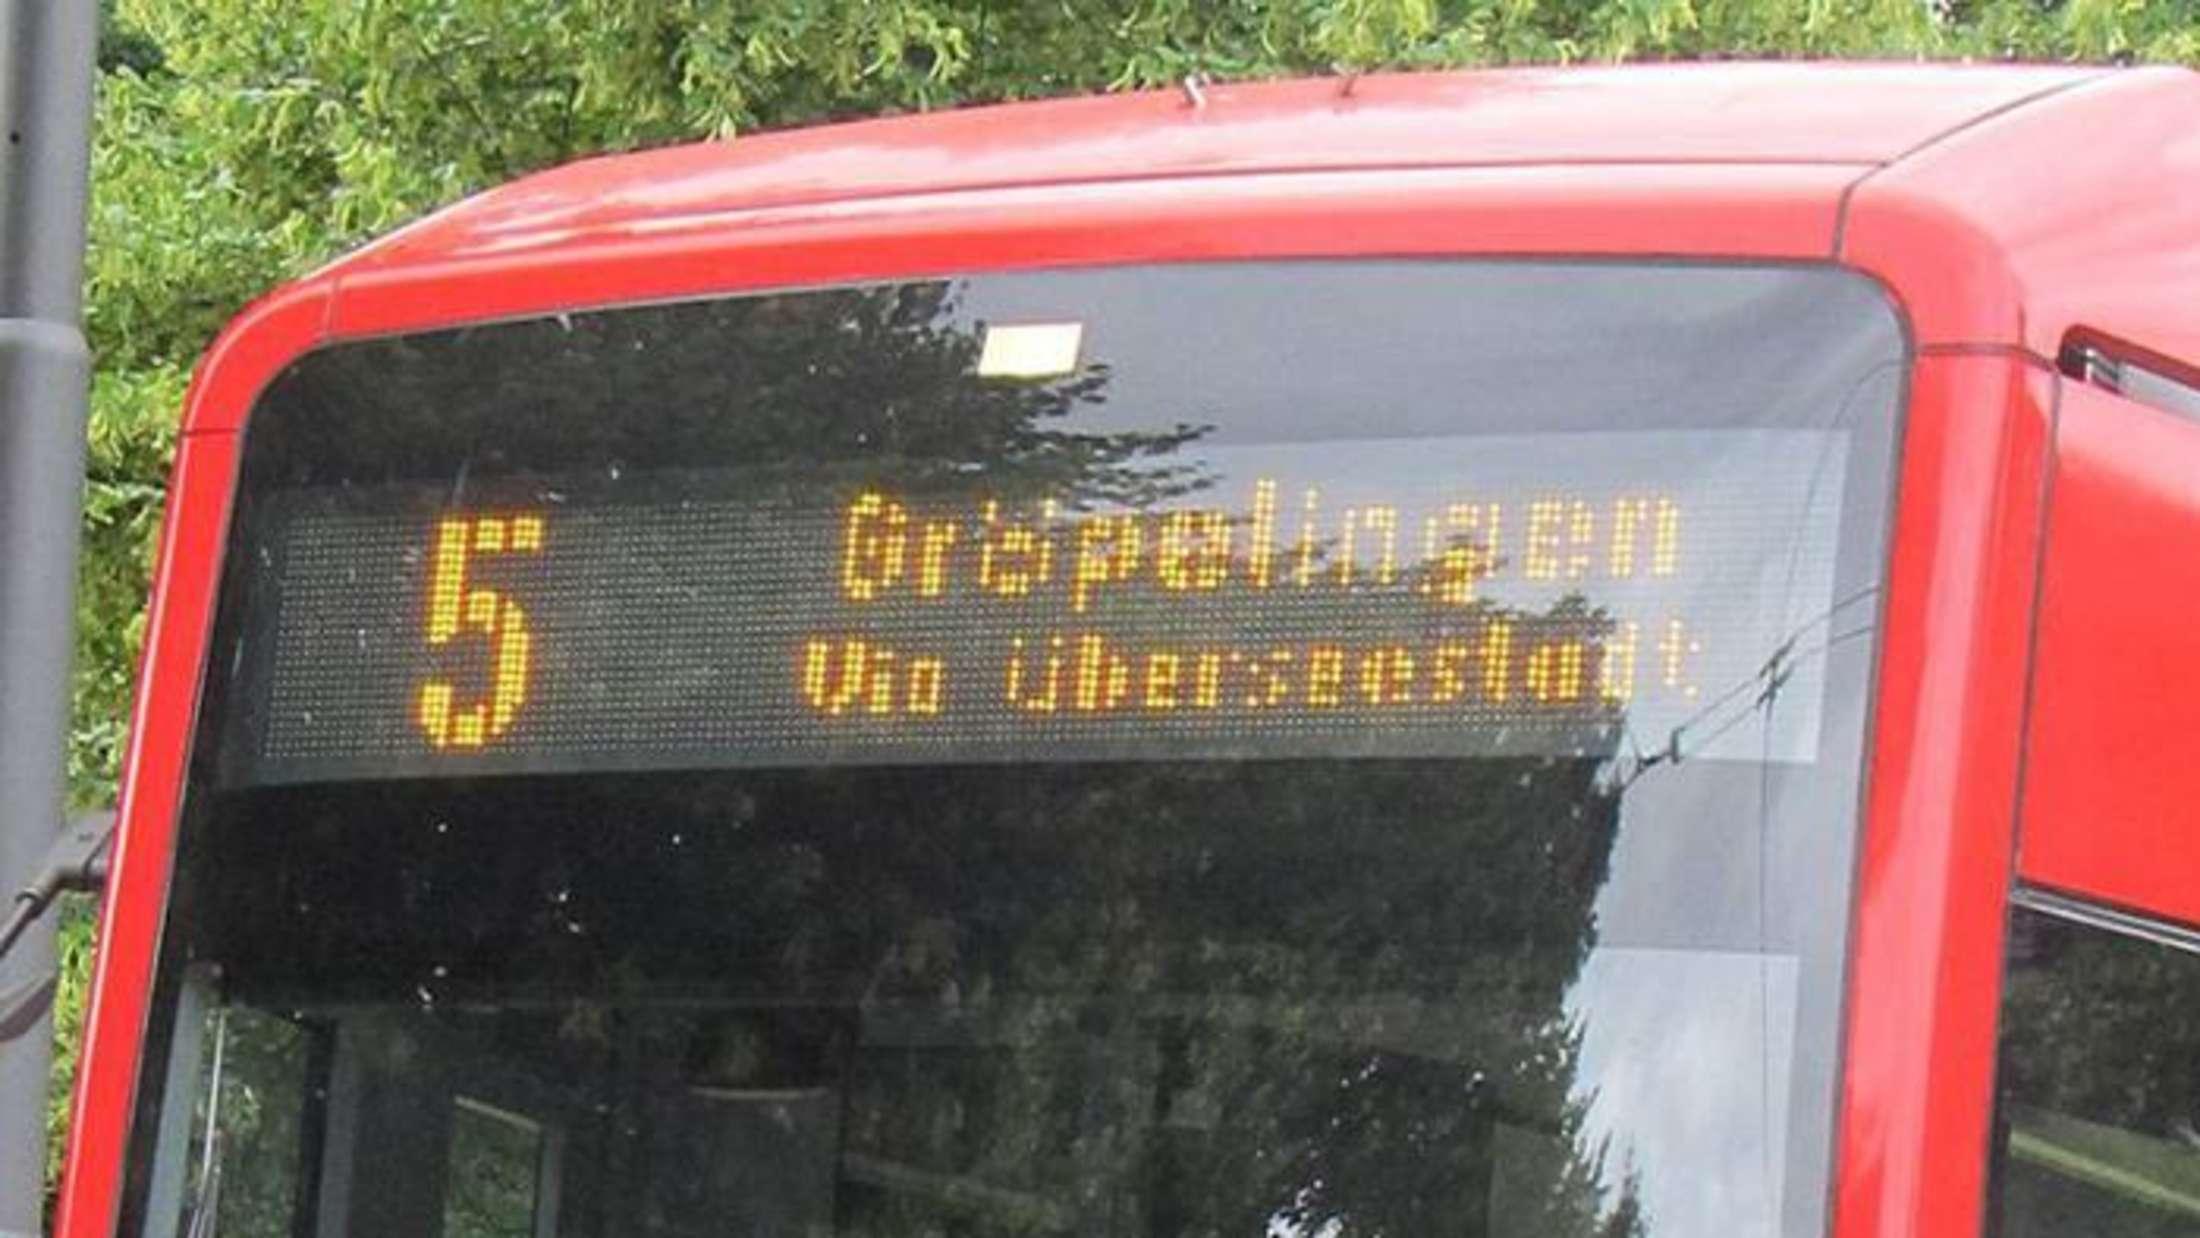 Neuer BSAG-Fahrplan bringt Bremen mit Linie 5 eine neue